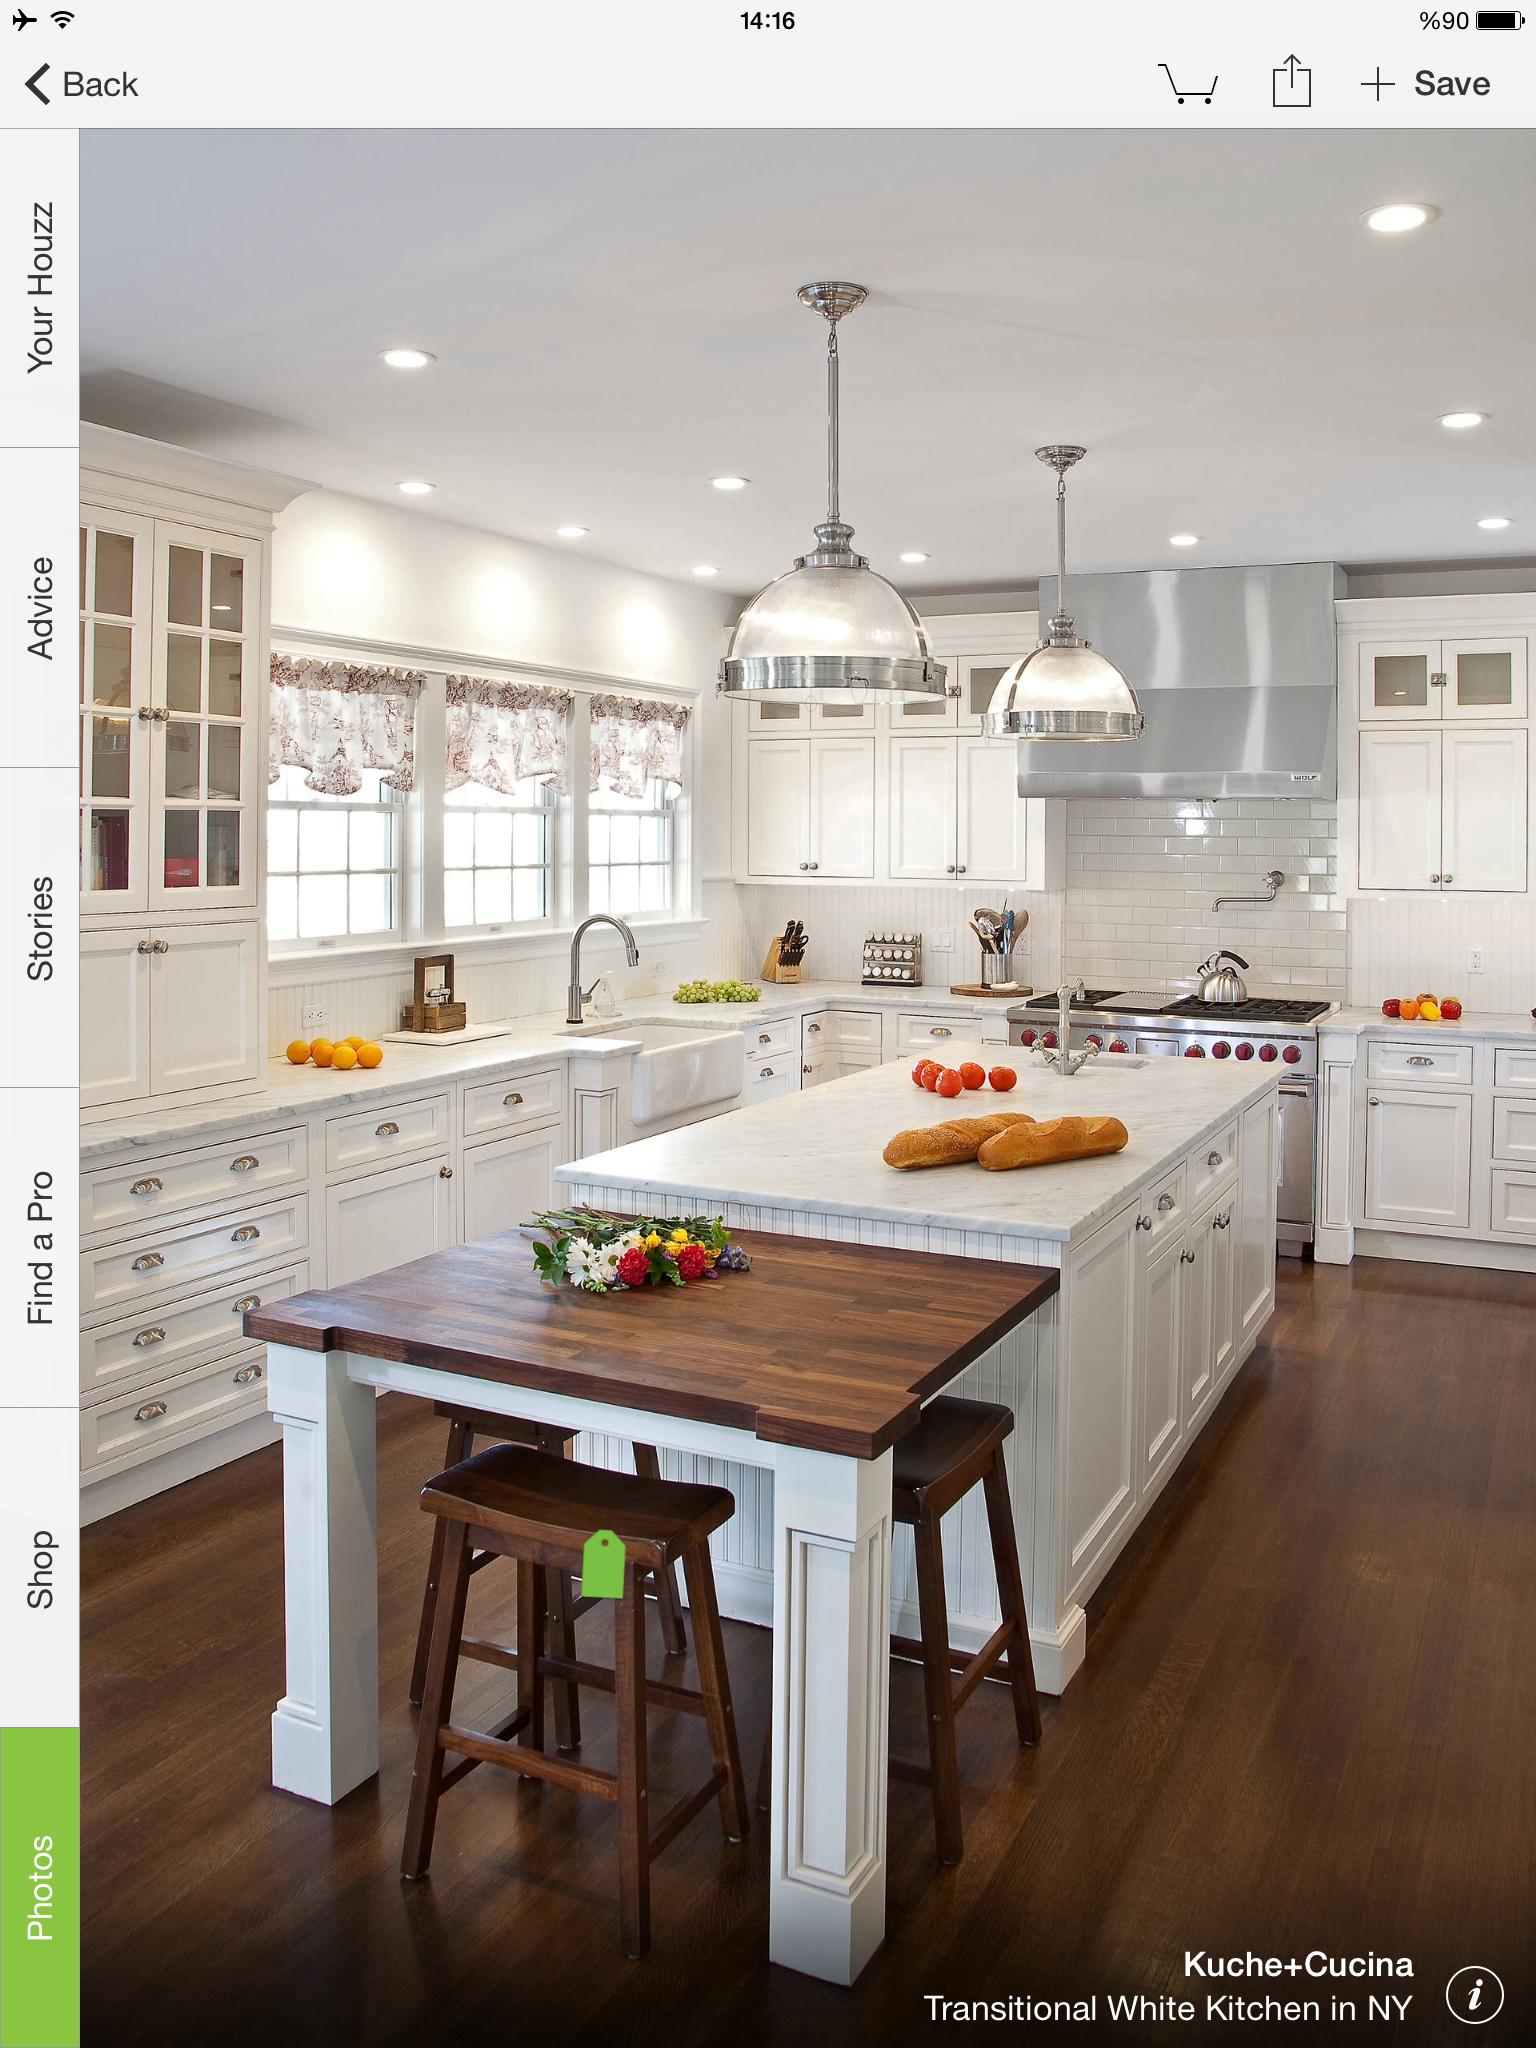 Küchenideen 2018 bilder pin von andrea auf ideen für die küche  pinterest  küchen ideen